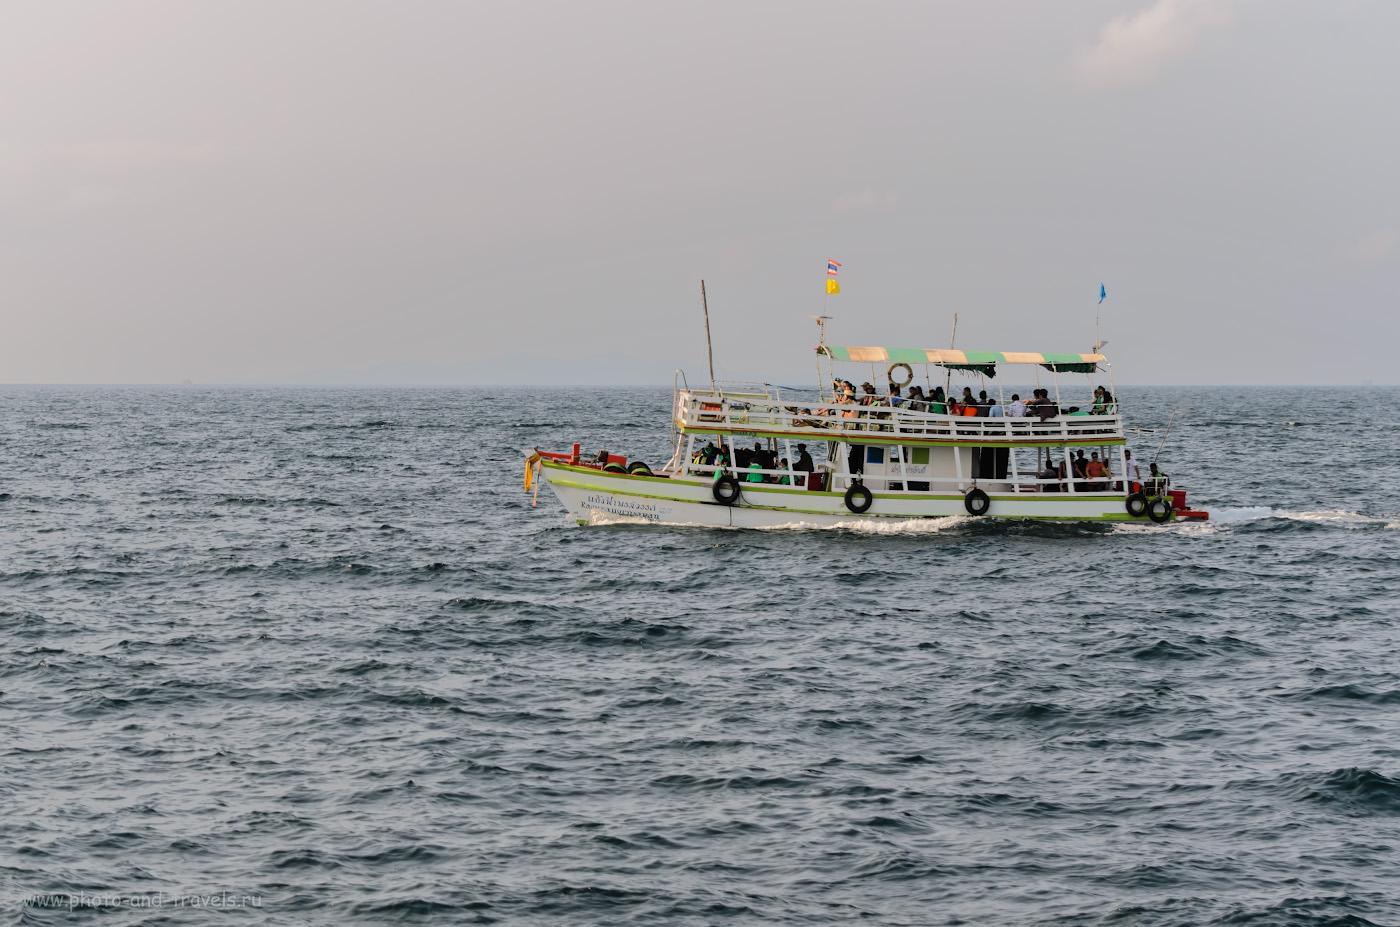 8. Такие паромы курсируют между материком и островом Ко Лан. Стоимостьбилета - 30 бат. Отчет об отдыхе в Таиланде. Советы туристам.